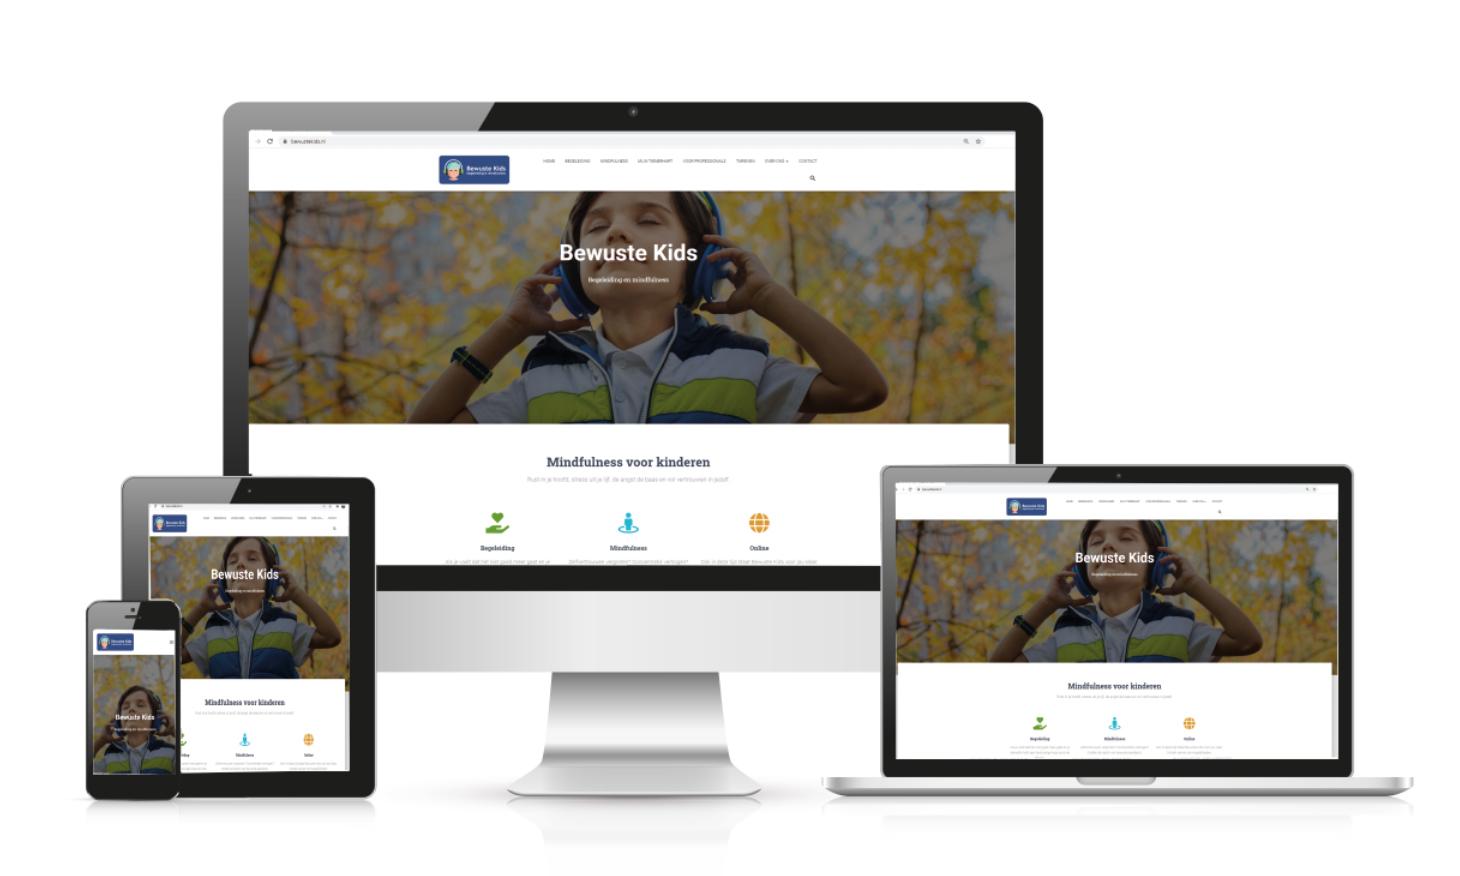 Communicatie website ontwikkeling Bewuste Kids